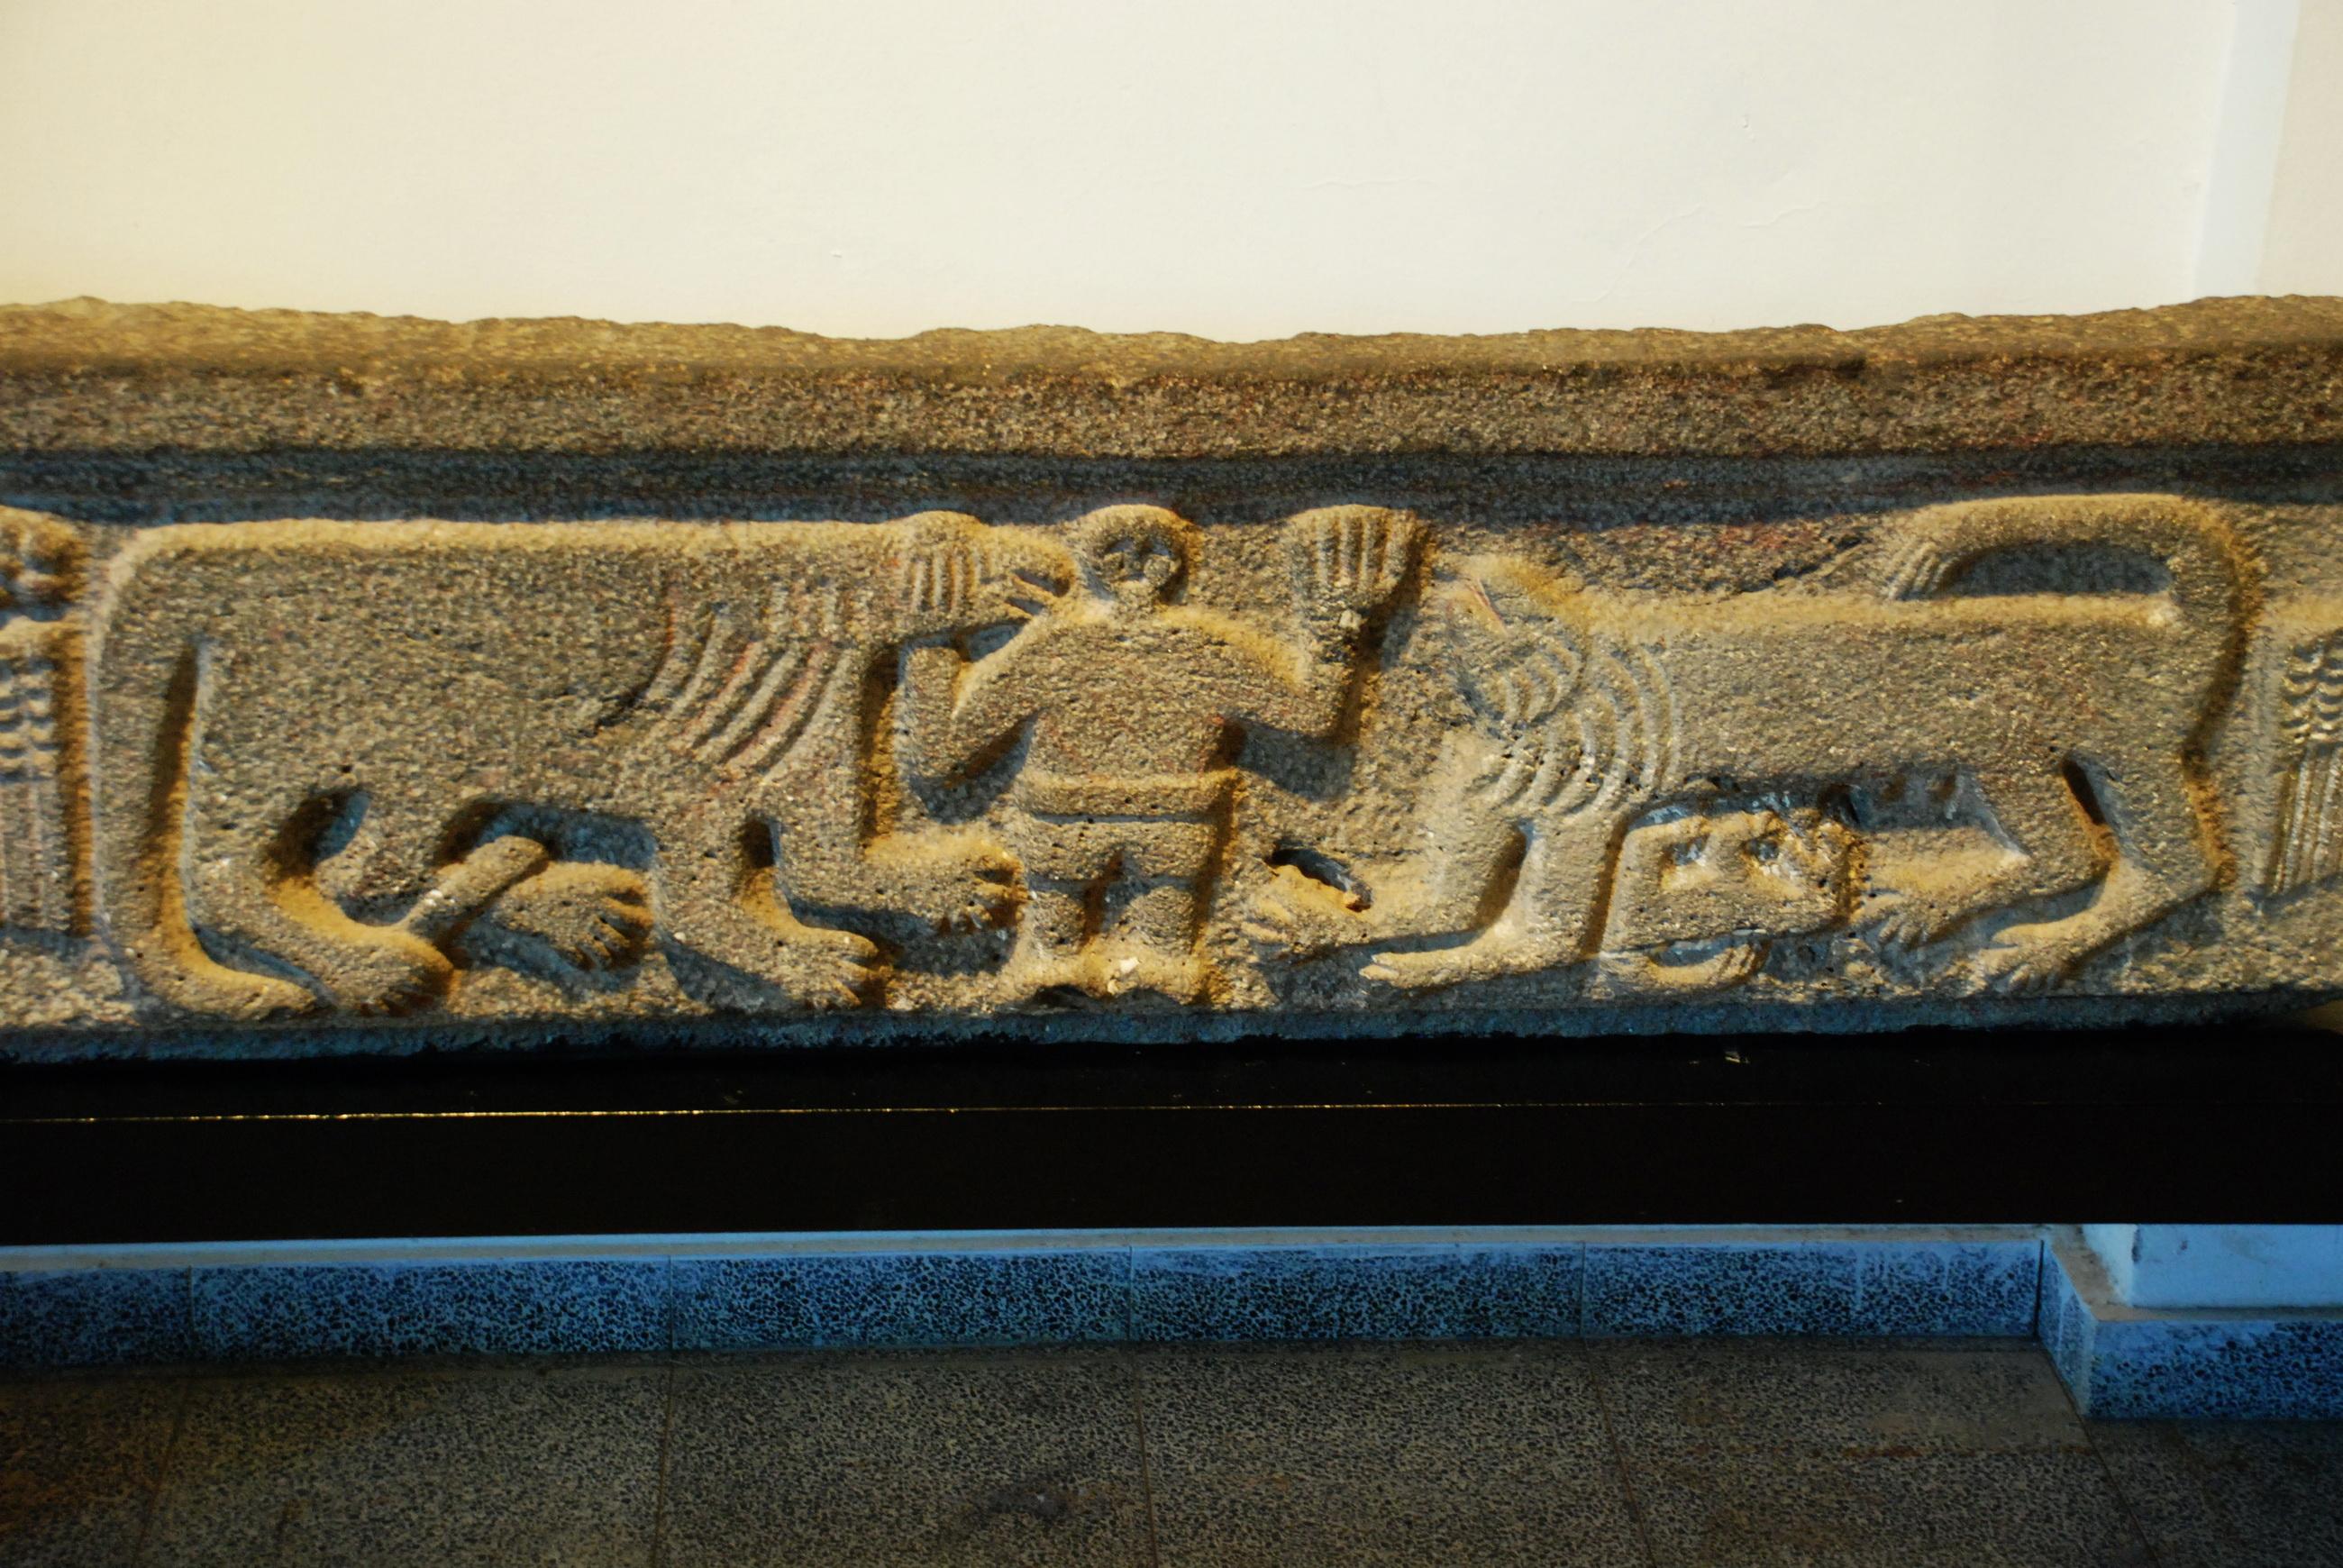 בסיס ארון קודש מבית הכנסת נשוט - מוזיאון קצרין